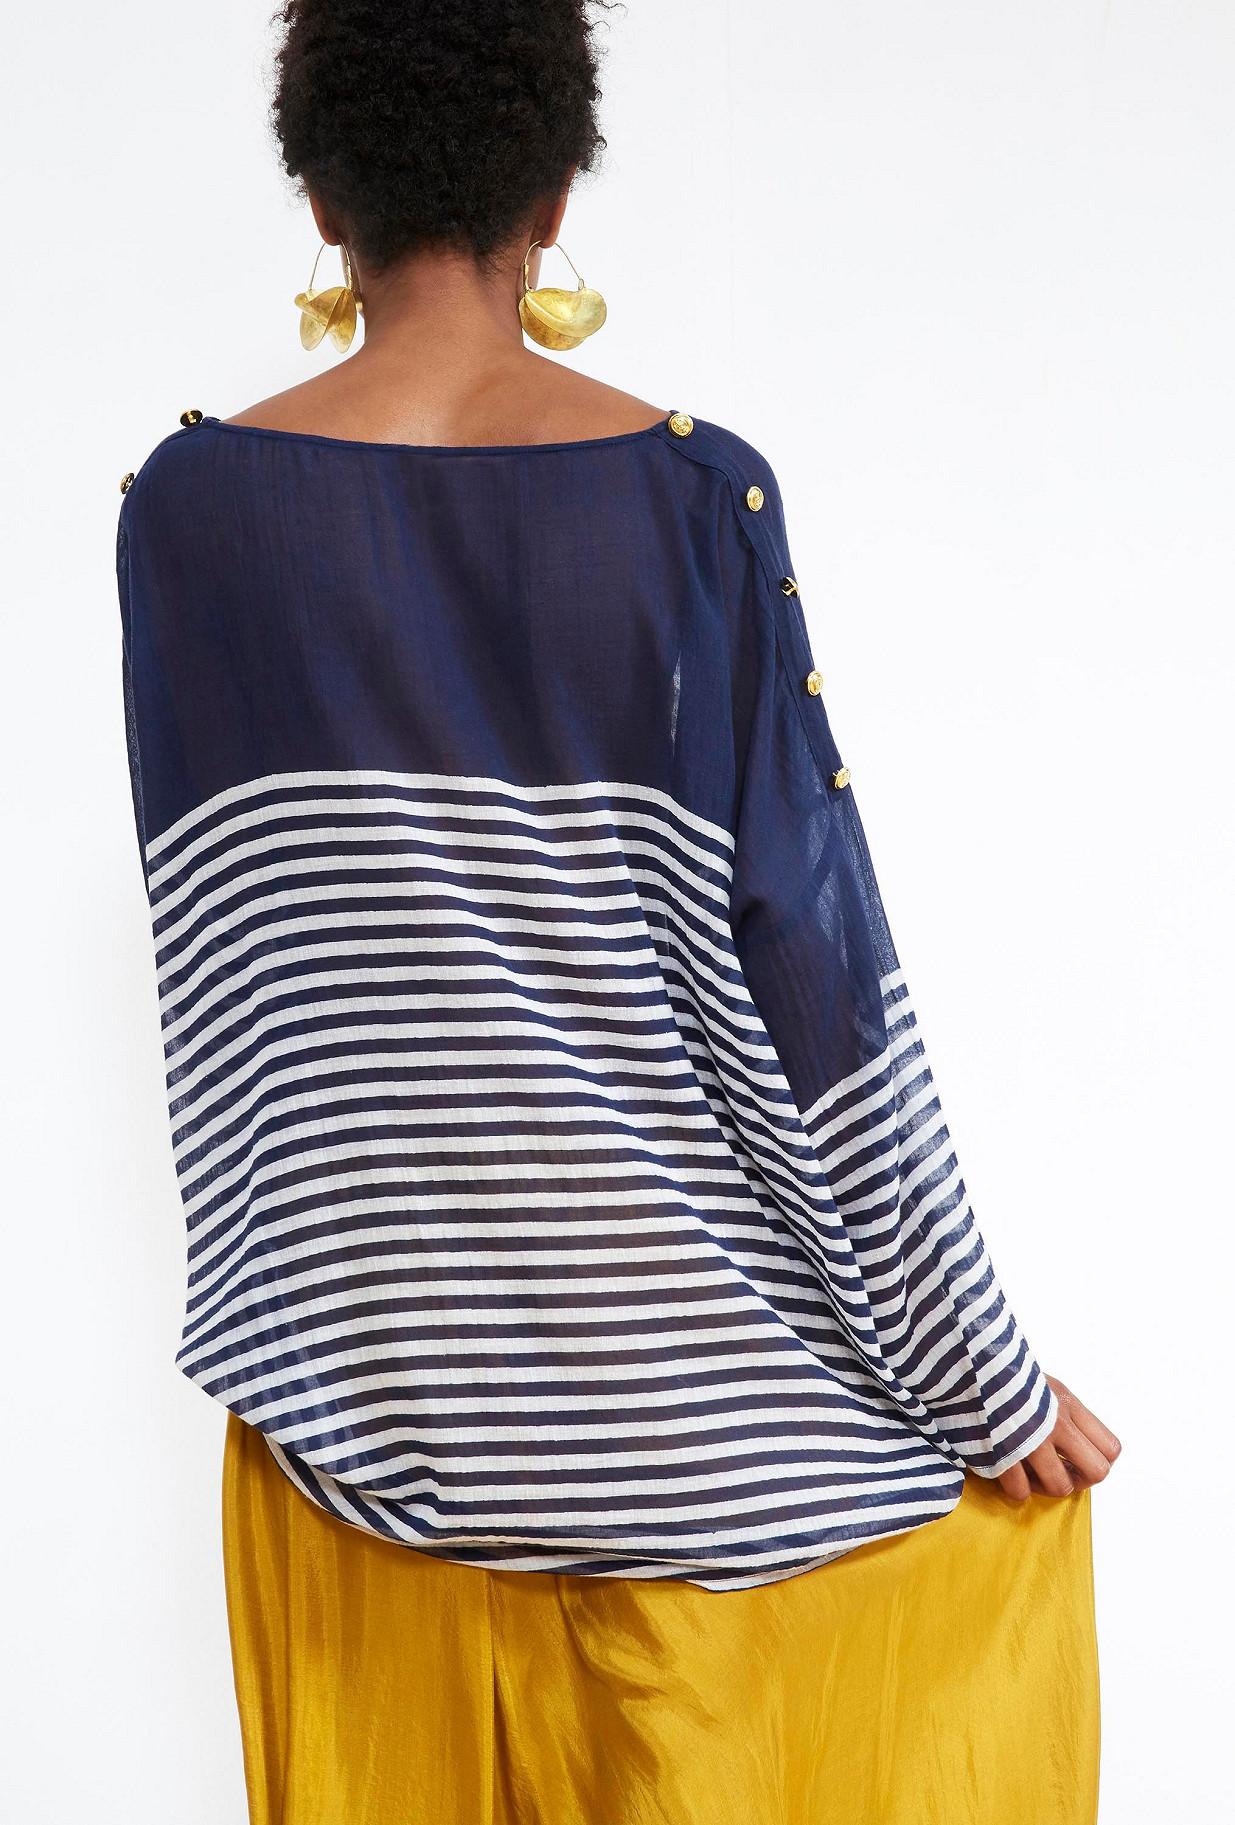 clothes store BLOUSE  Franklin french designer fashion Paris